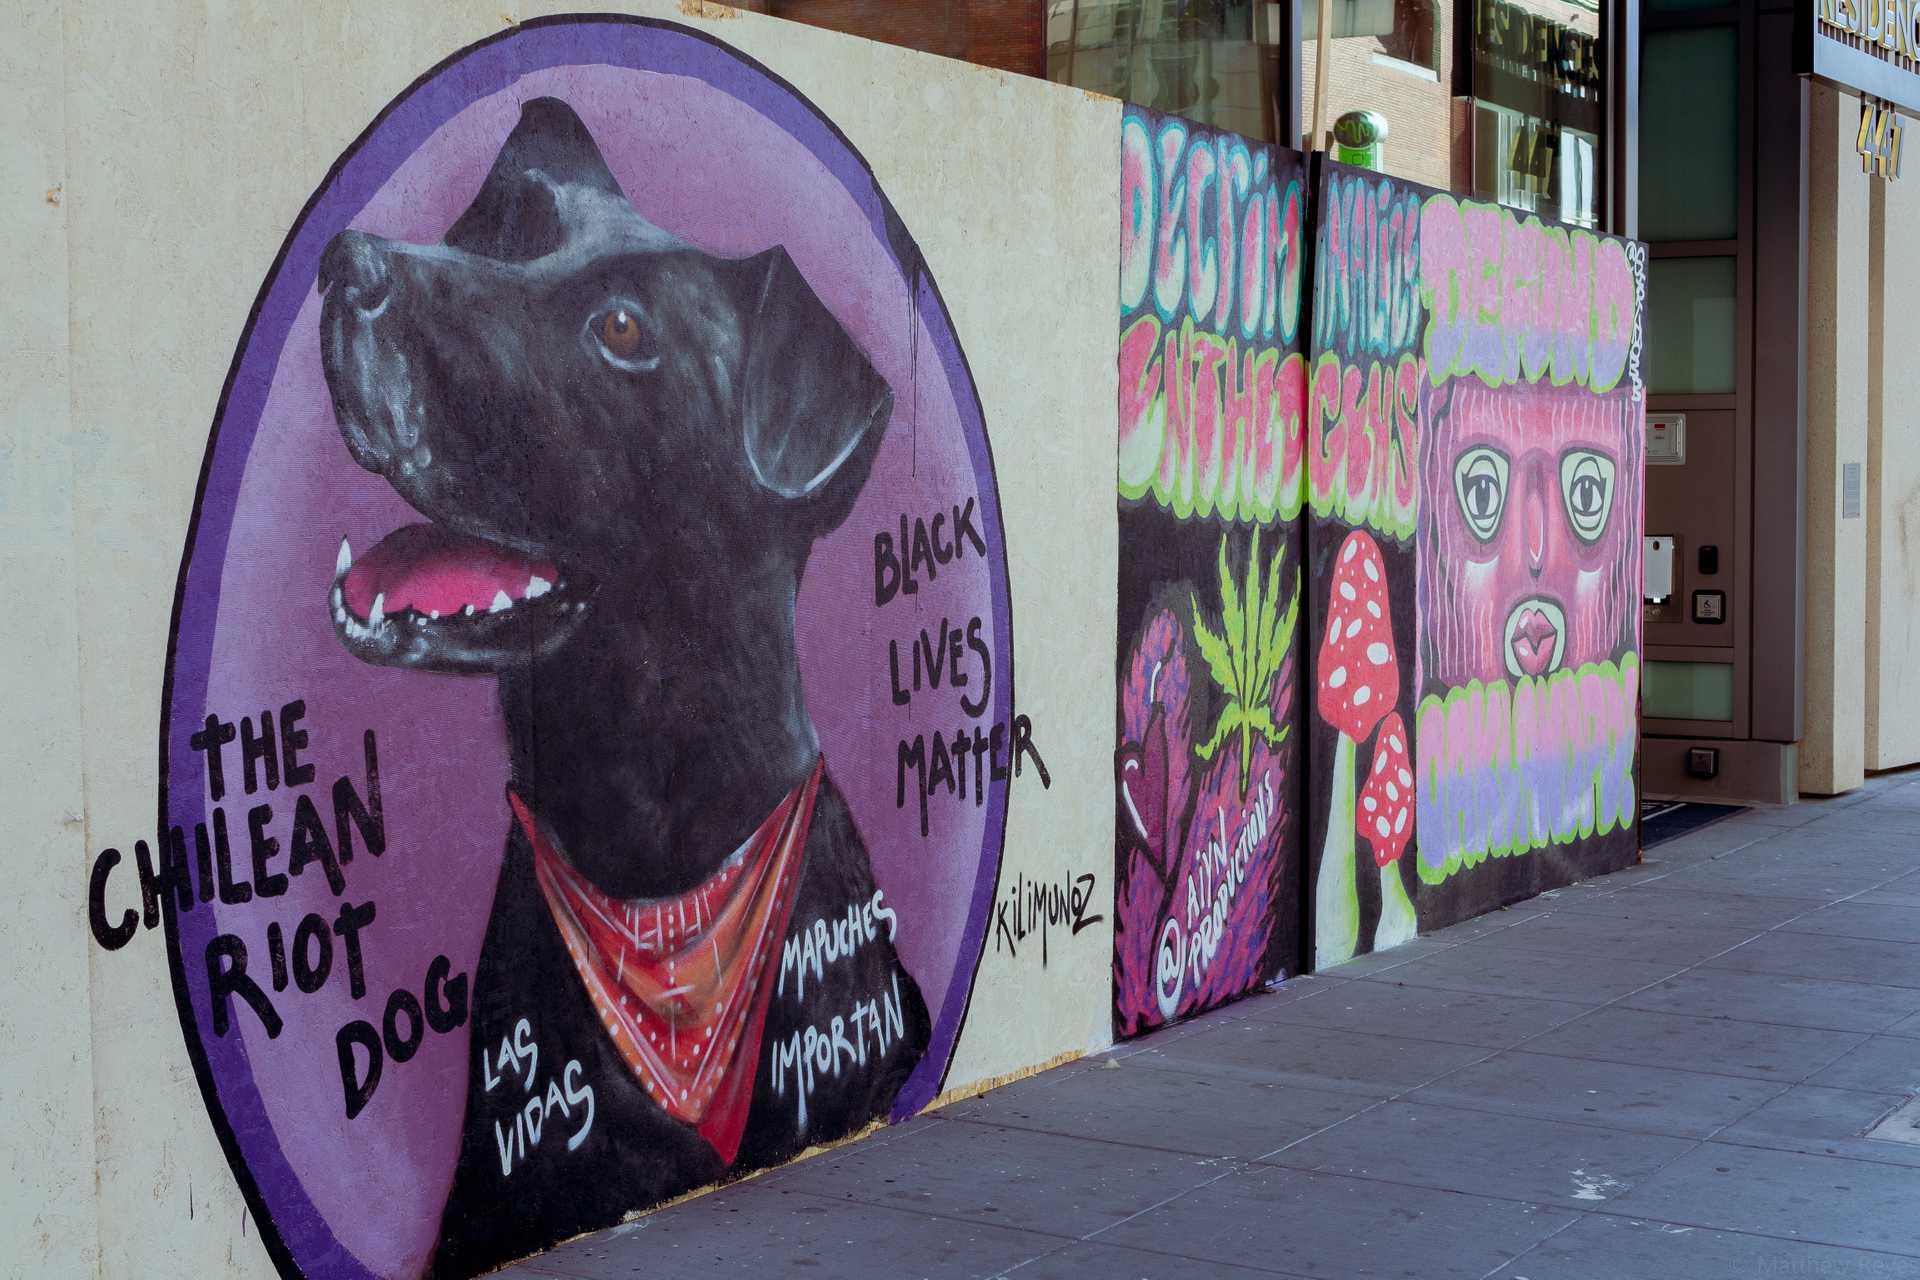 Chilean_Riot_Dog.jpg